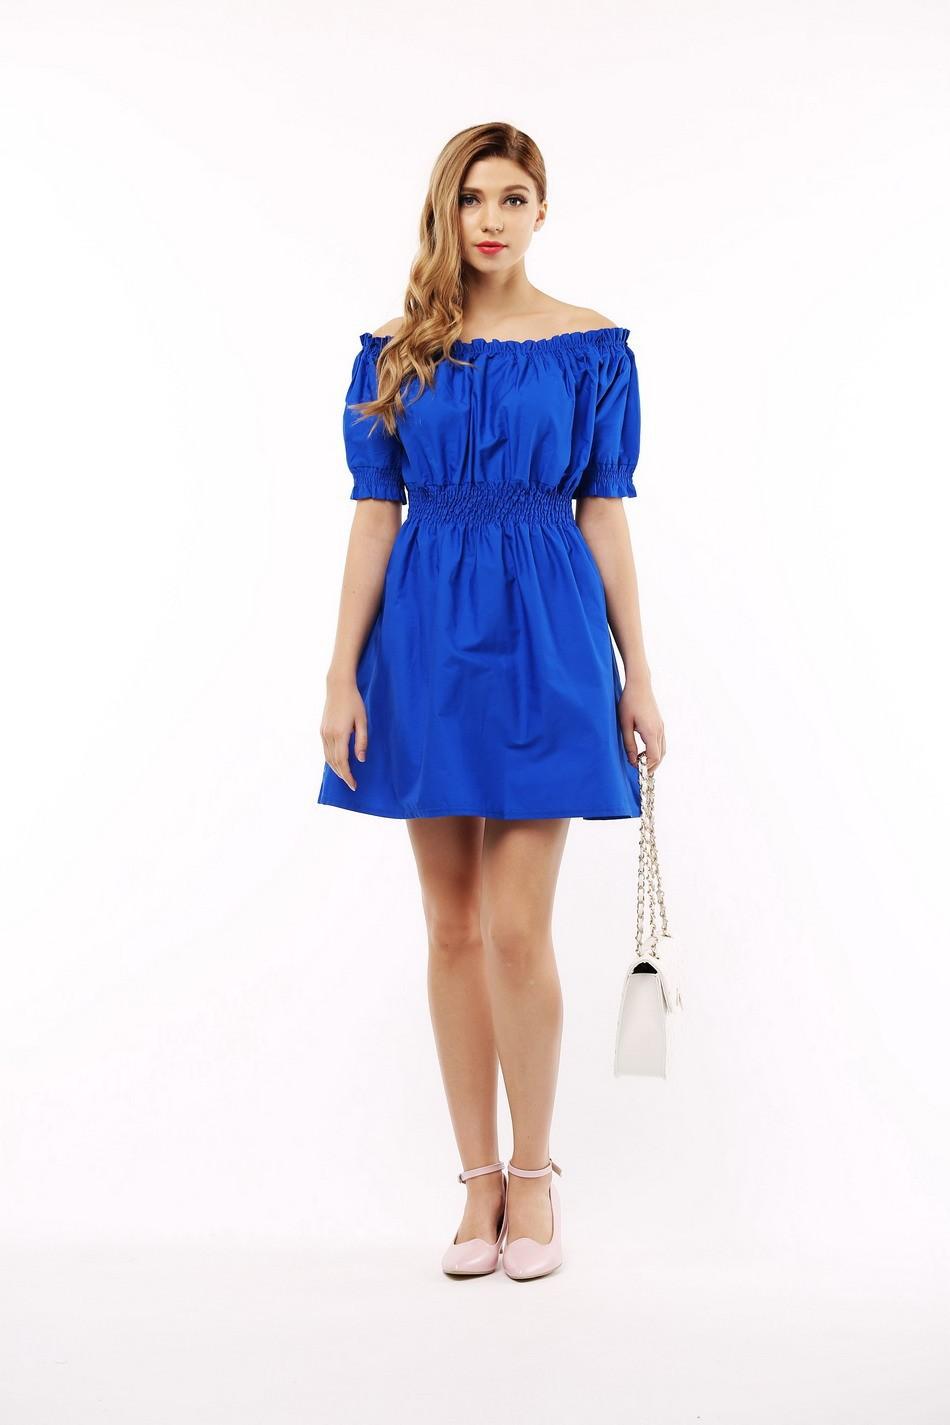 100% bawełna nowy 2017 jesień lato kobiety dress krótki rękaw casual sukienki plus size vestidos wc0380 15